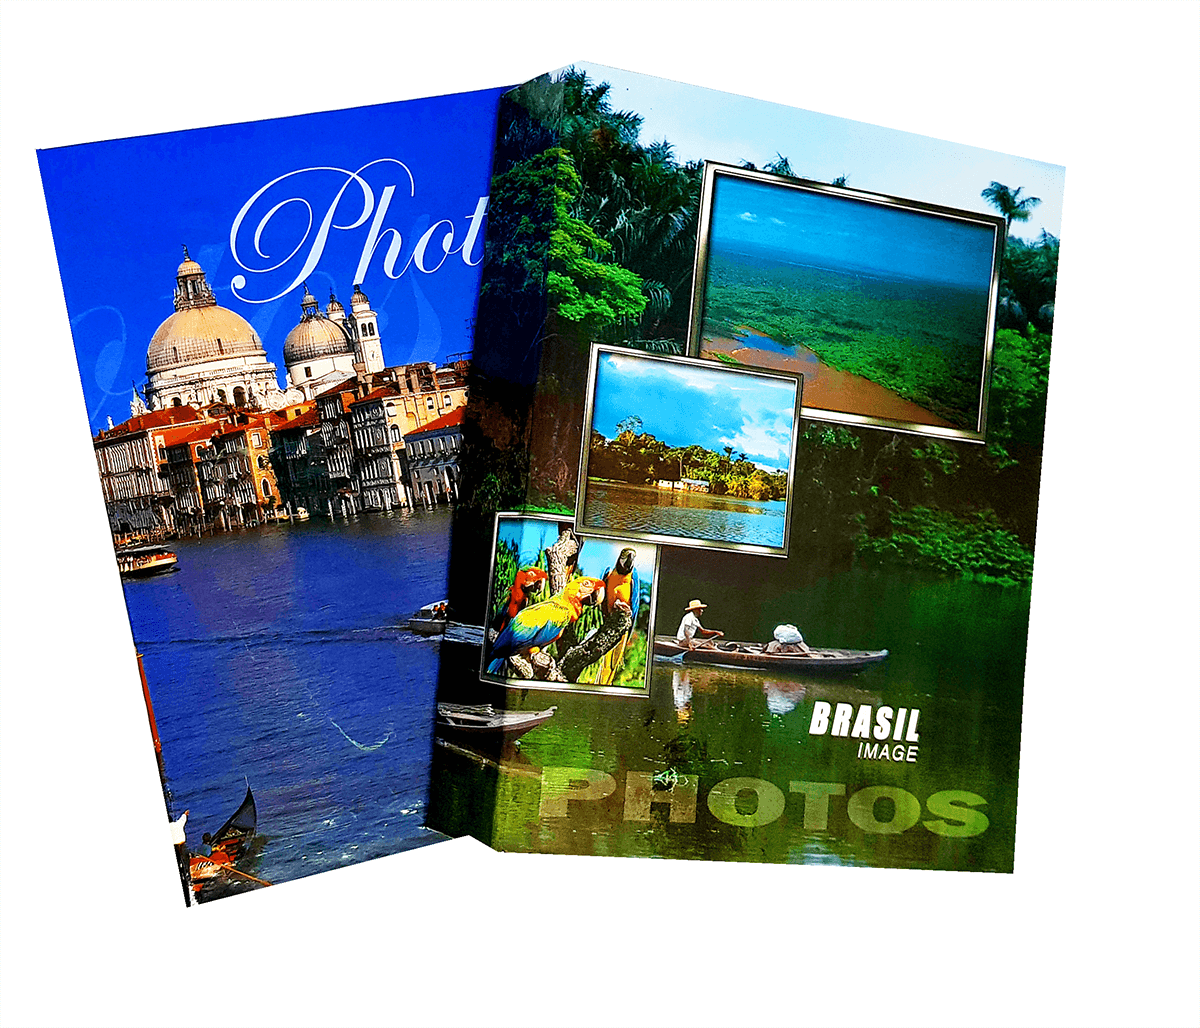 2 Álbuns de fotos Fotografias 10 X15 / 200 Fotos VARIADOS 16 MODELOS A SUA ESCOLHA